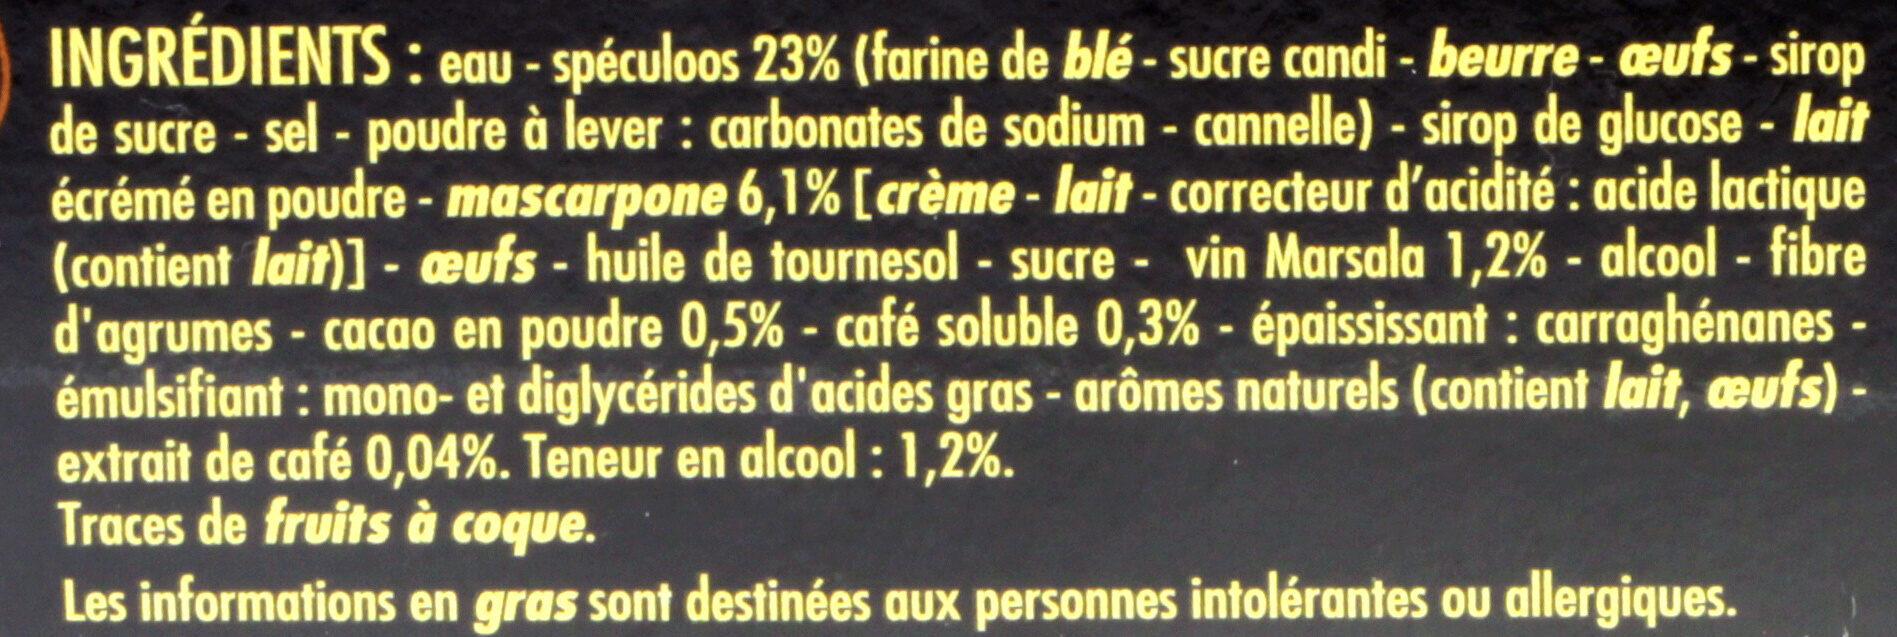 L'éblouissant Tiramisu au spéculoos - Brisures de spéculoos pur beurre - Ingredients